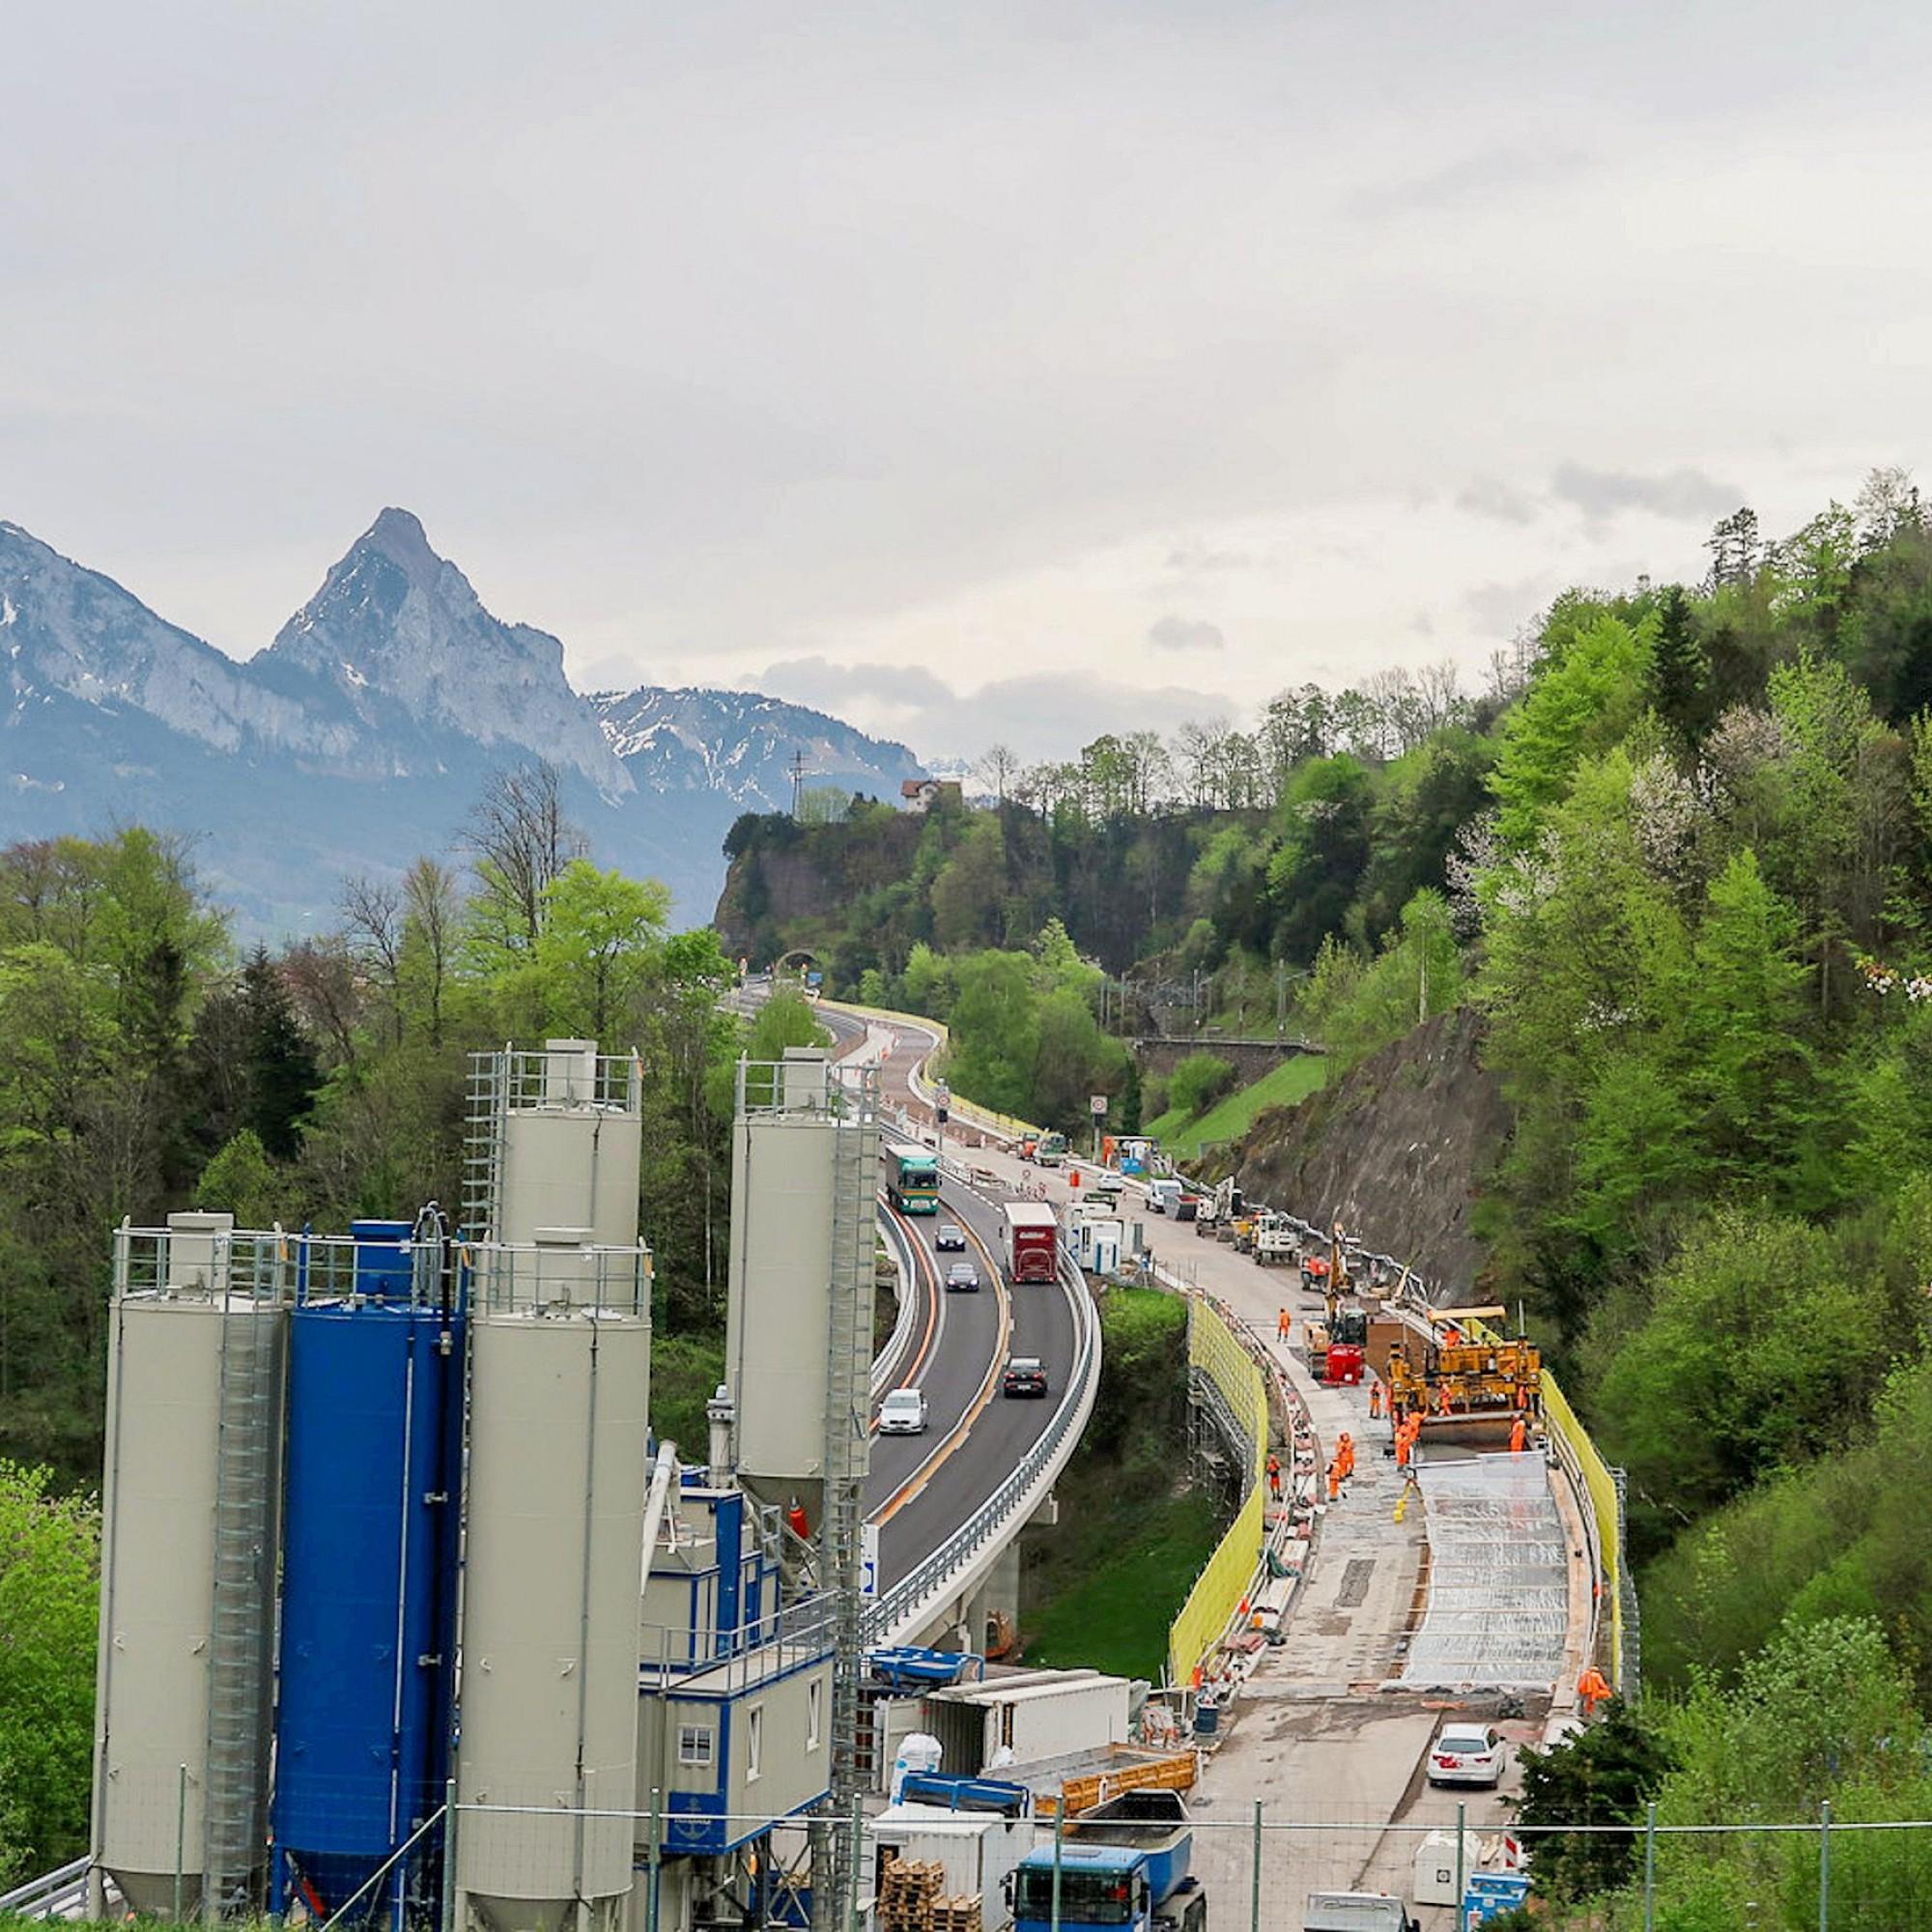 Notwendige Instandsetzung nach rund 45 Jahren: Die Sanierung der Zwillingsbrücken erfolgt unter Sperrung der einen Brückenhälfte, während der Verkehr in beiden Richtungen über die andere geleitet wird.